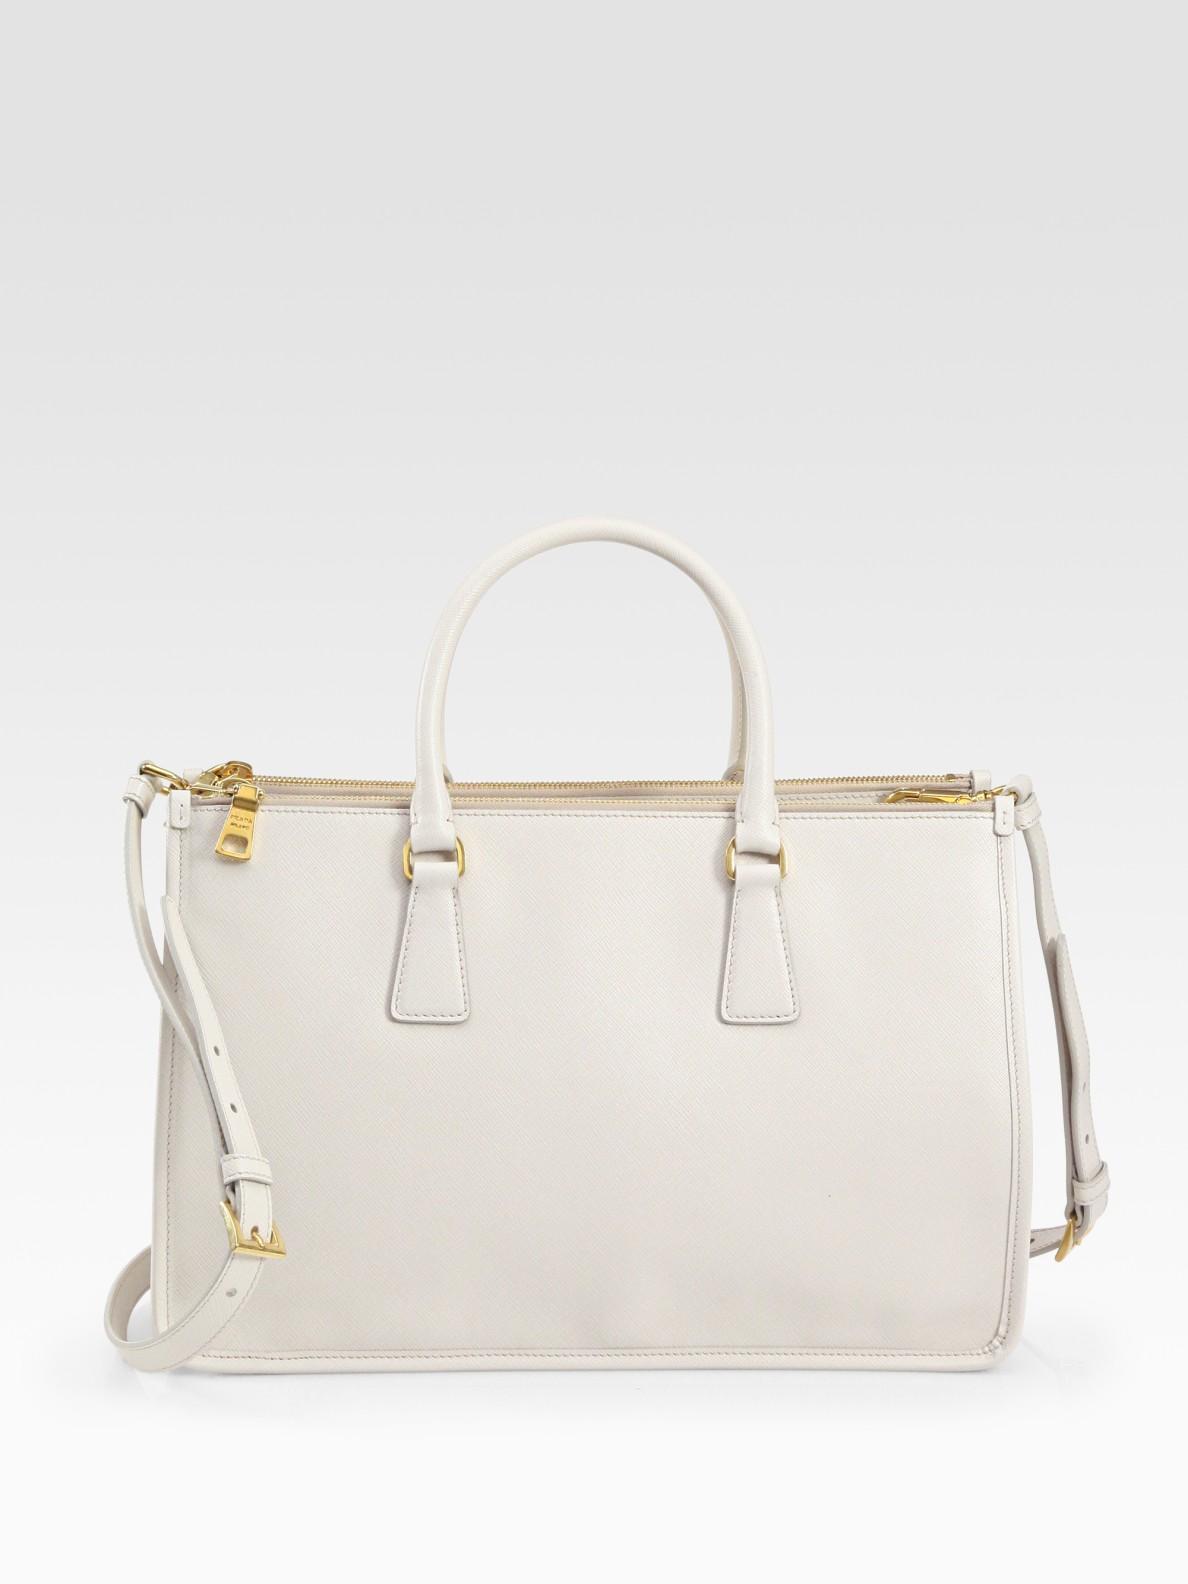 Prada Borsa Cerniera Framed Tote Bag in White | Lyst